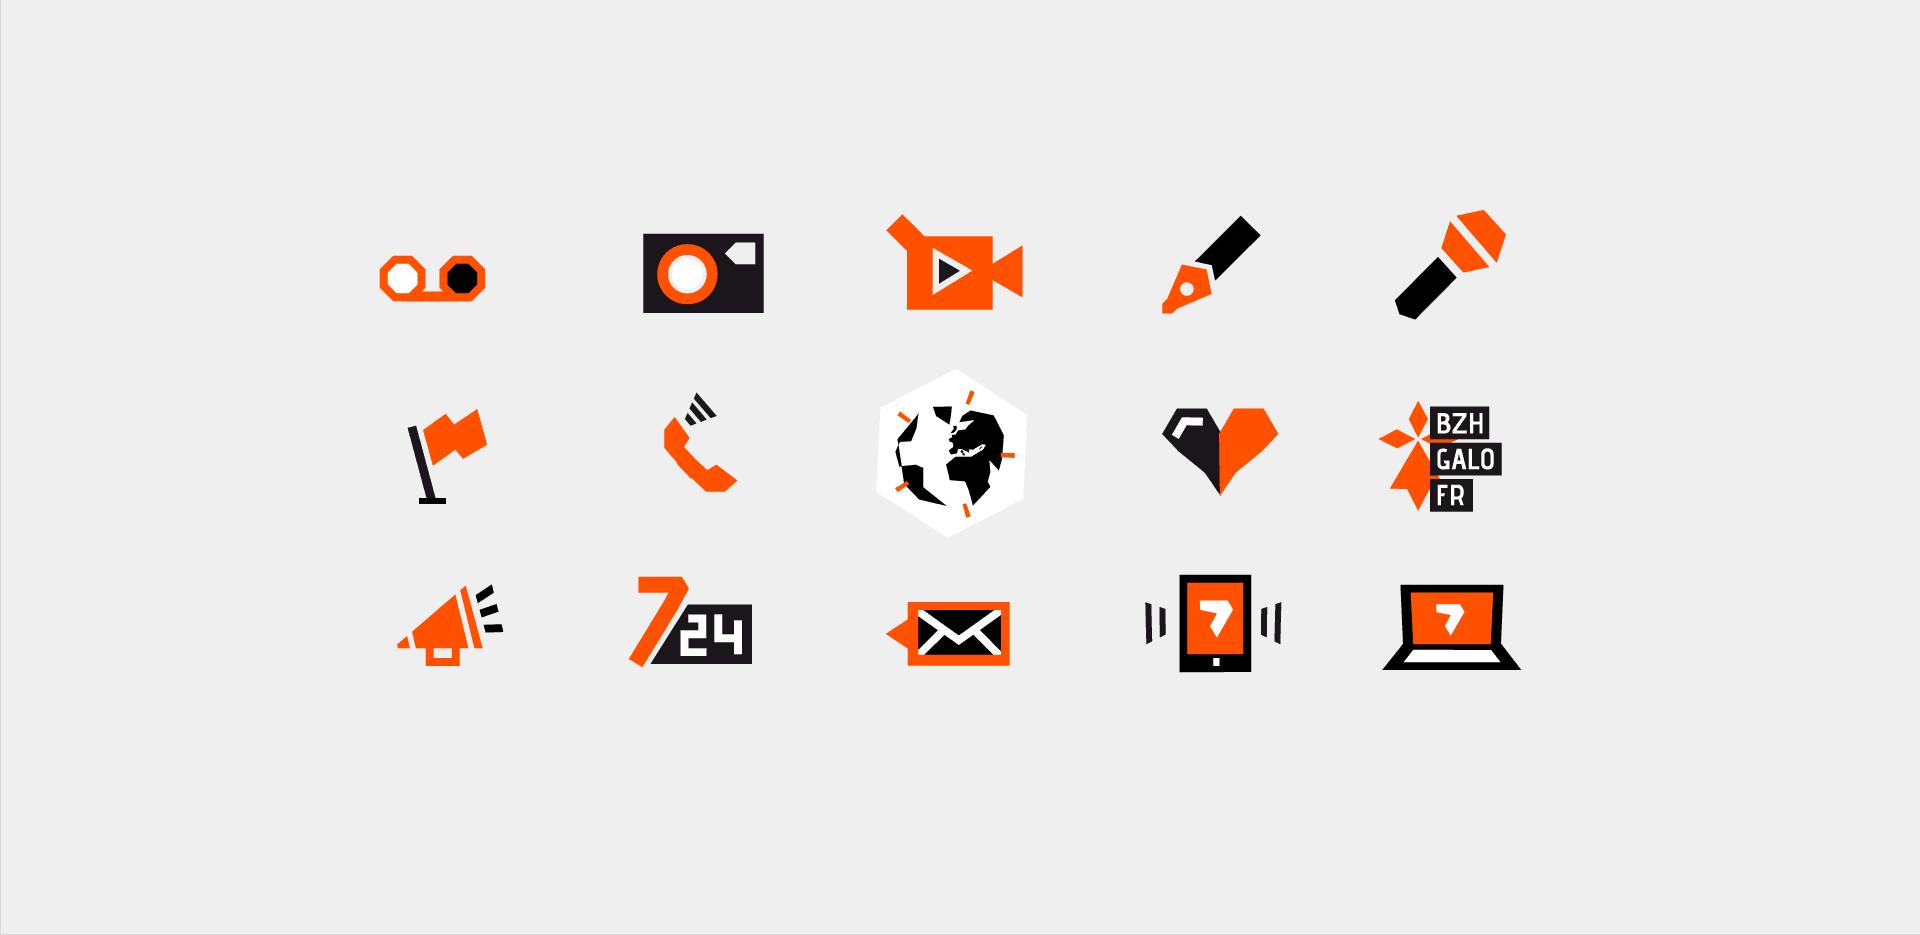 7seizh-icons1